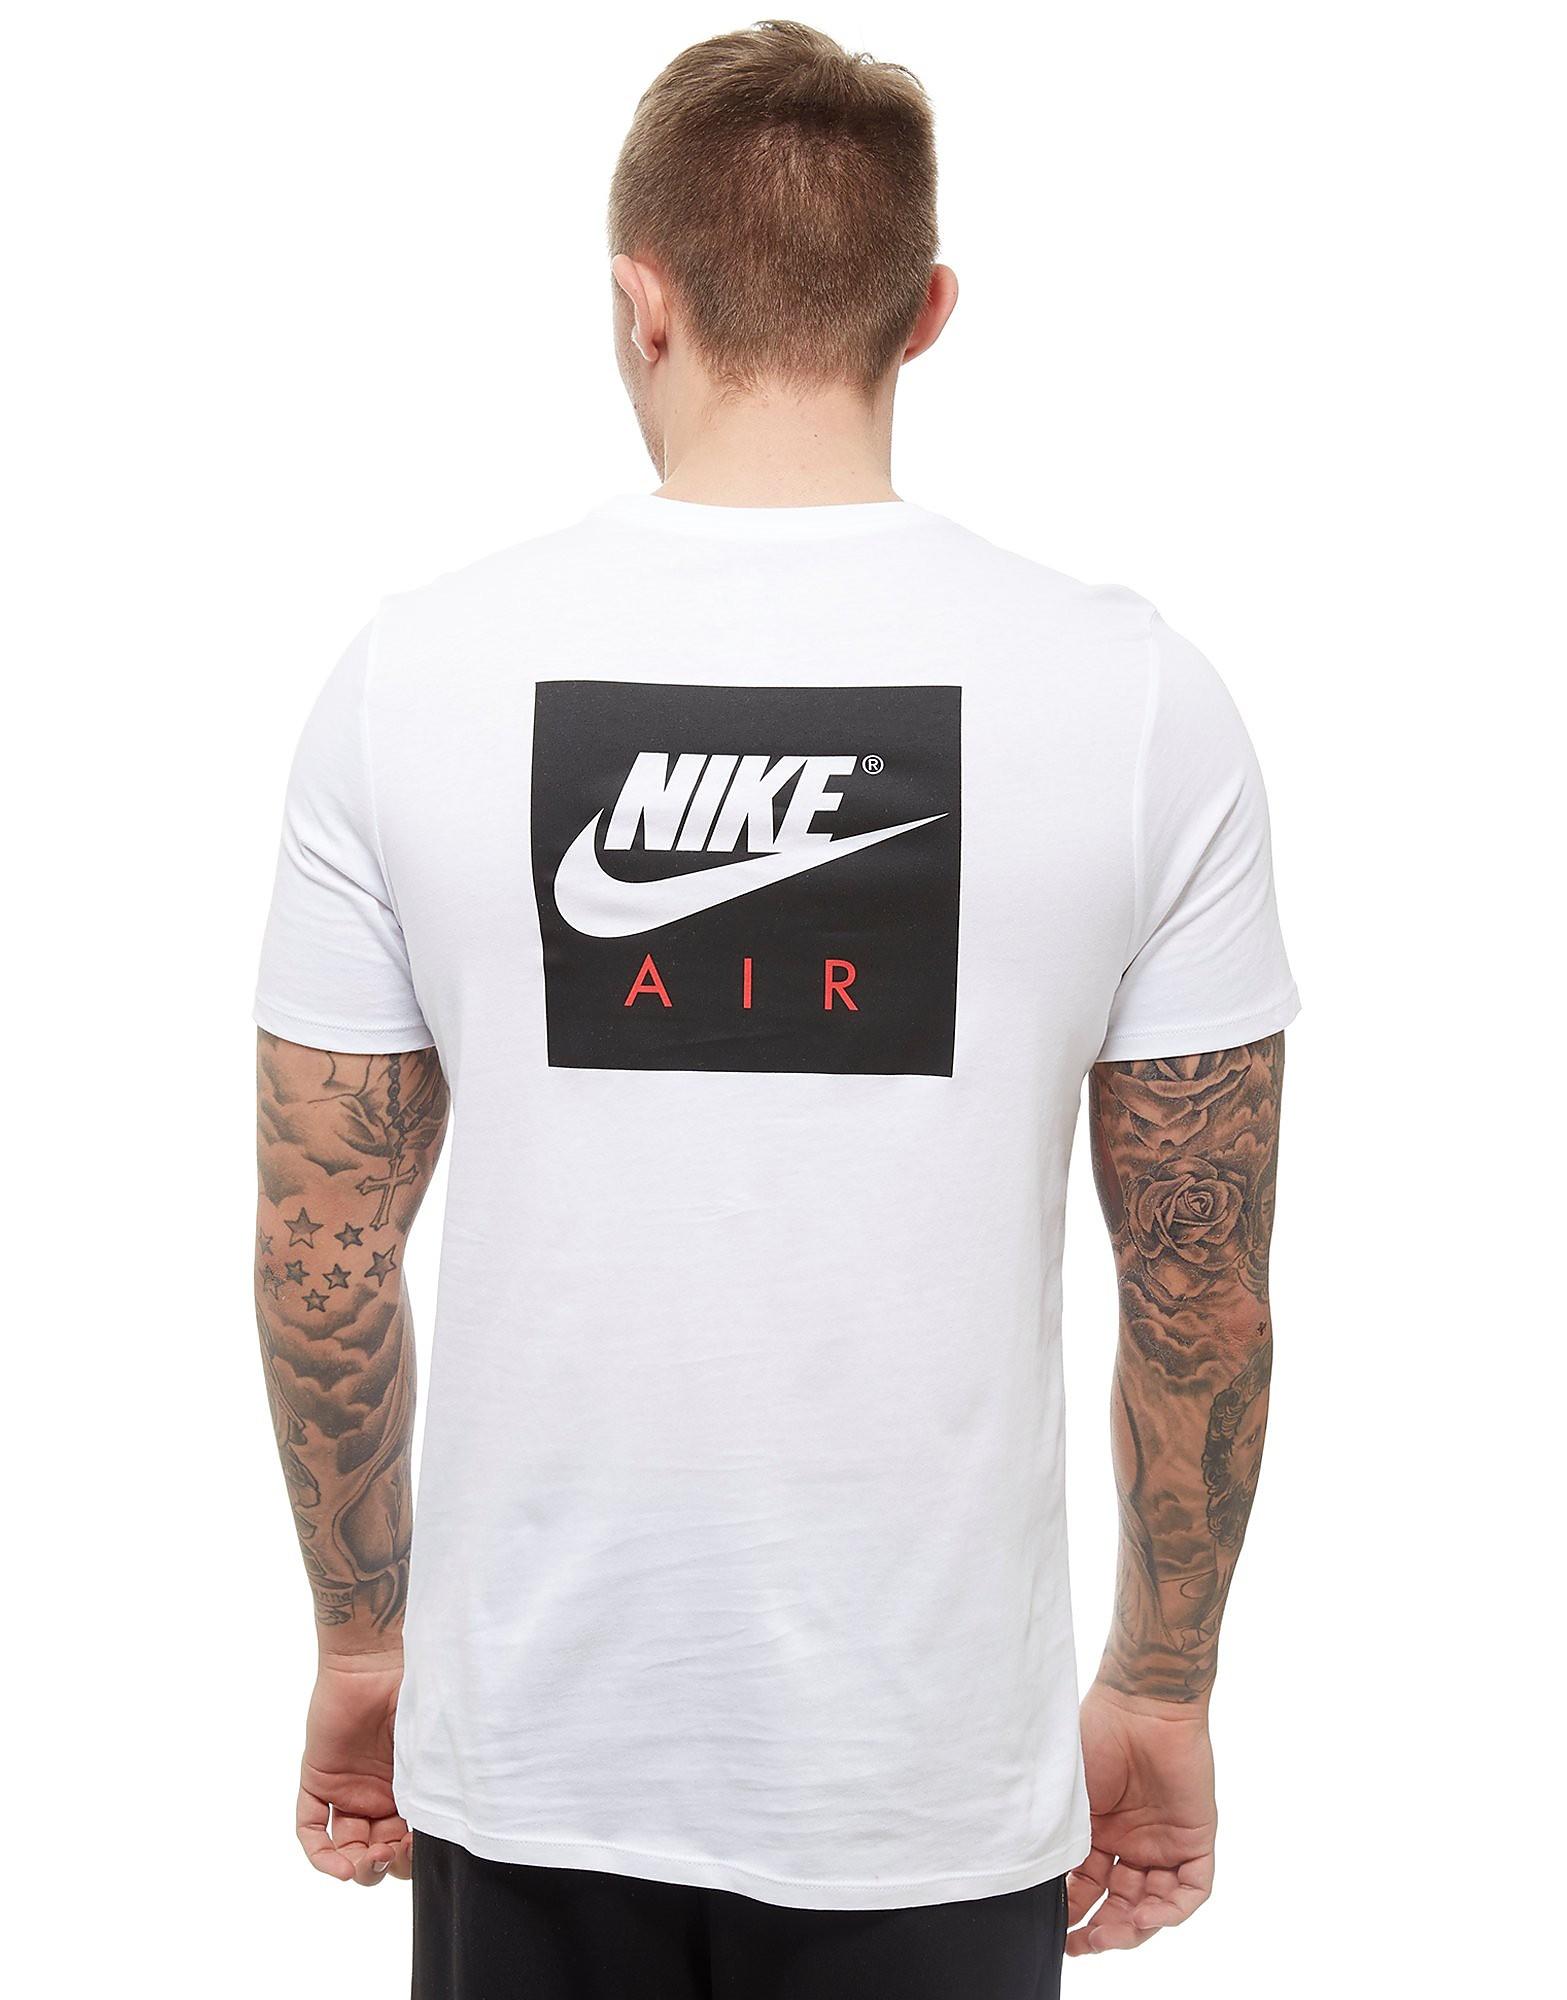 Nike Air Box Side Logo T-Shirt